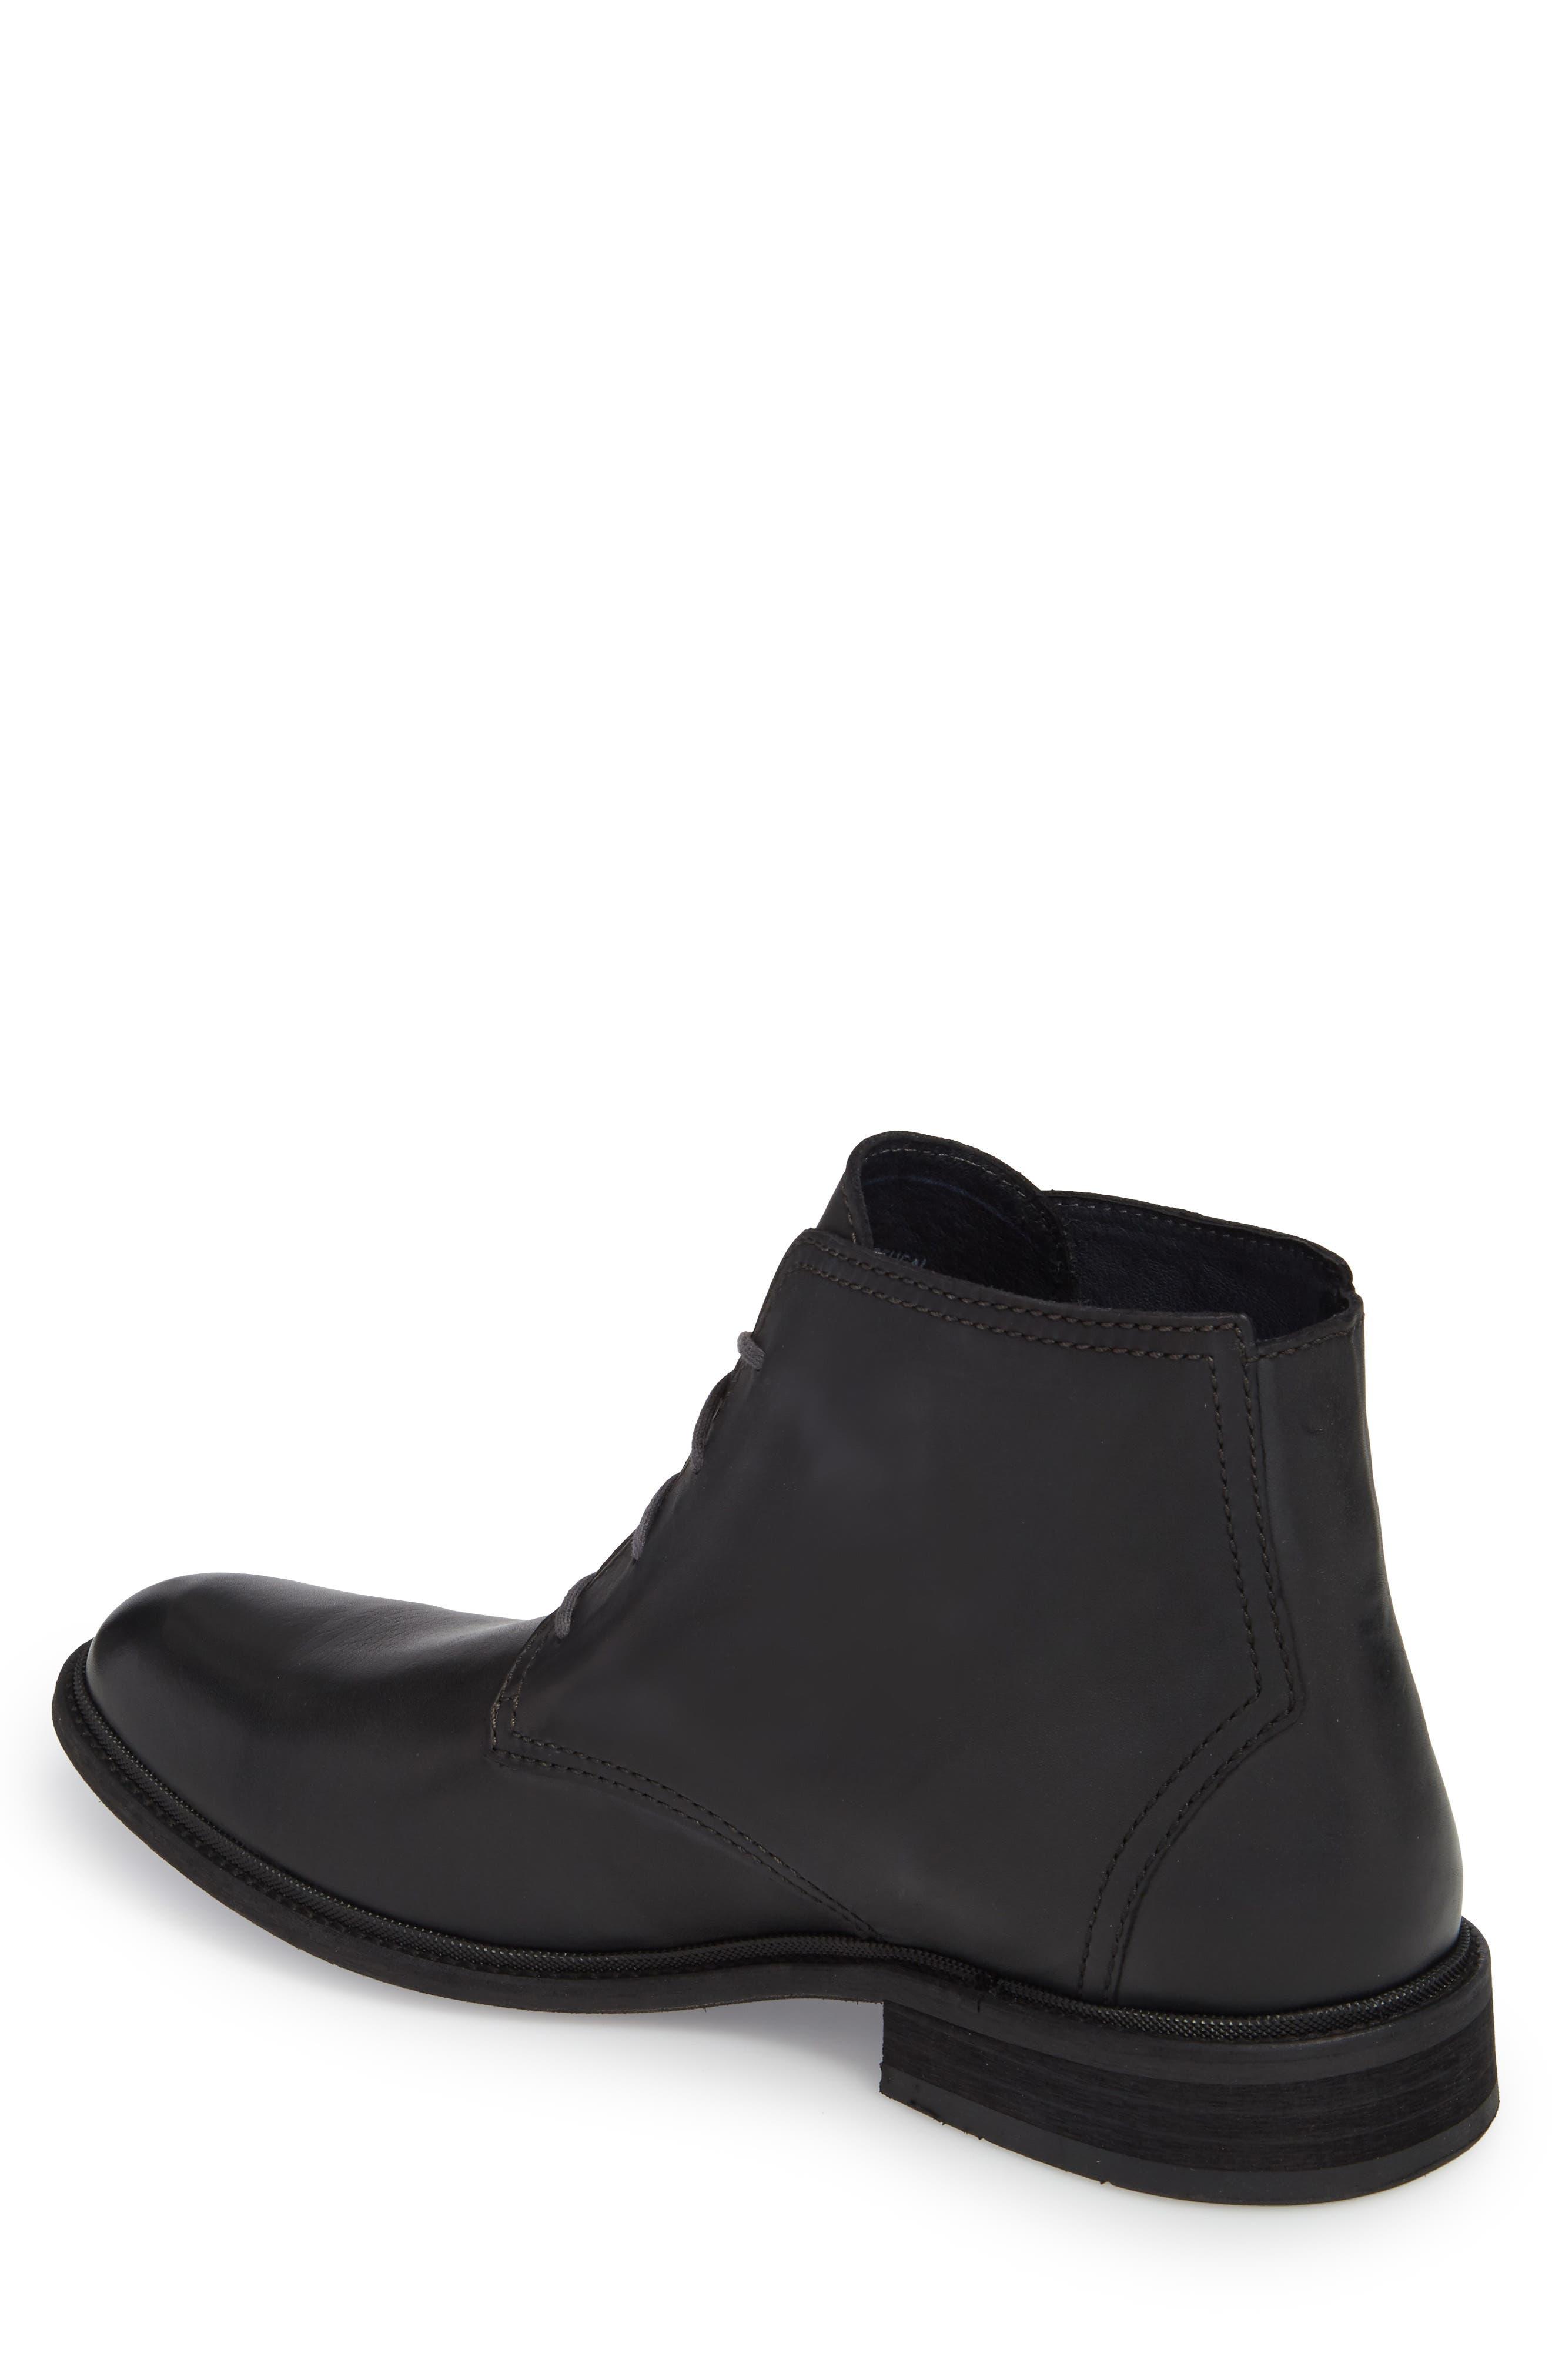 Hobi Plain Toe Chukka Boot,                             Alternate thumbnail 2, color,                             Black Leather